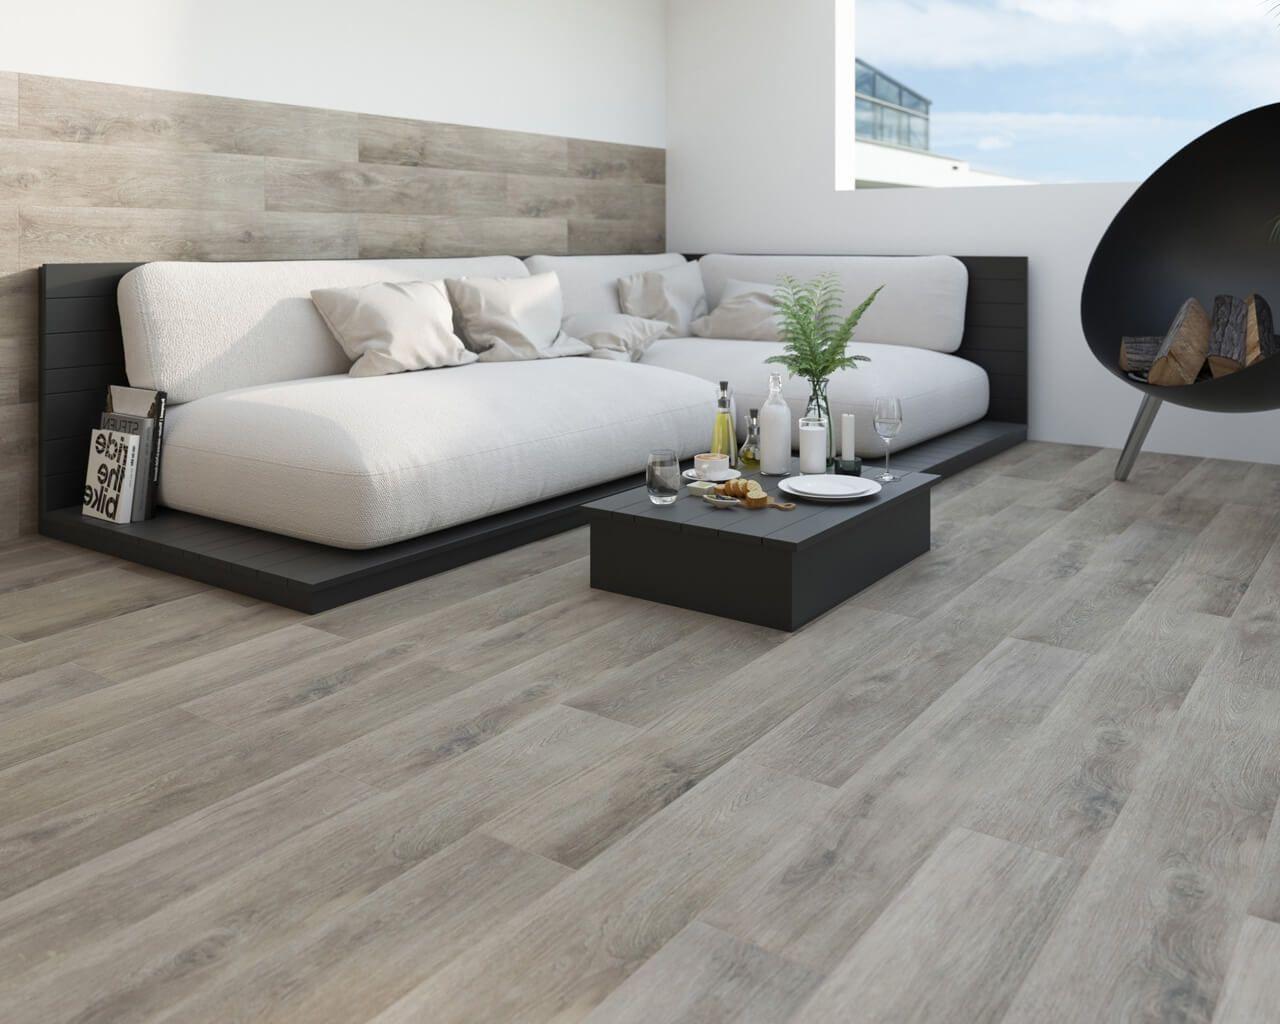 Fußboden Terrasse ~ Bodengestaltung mit terrasse fliesen und ornamentalen kies